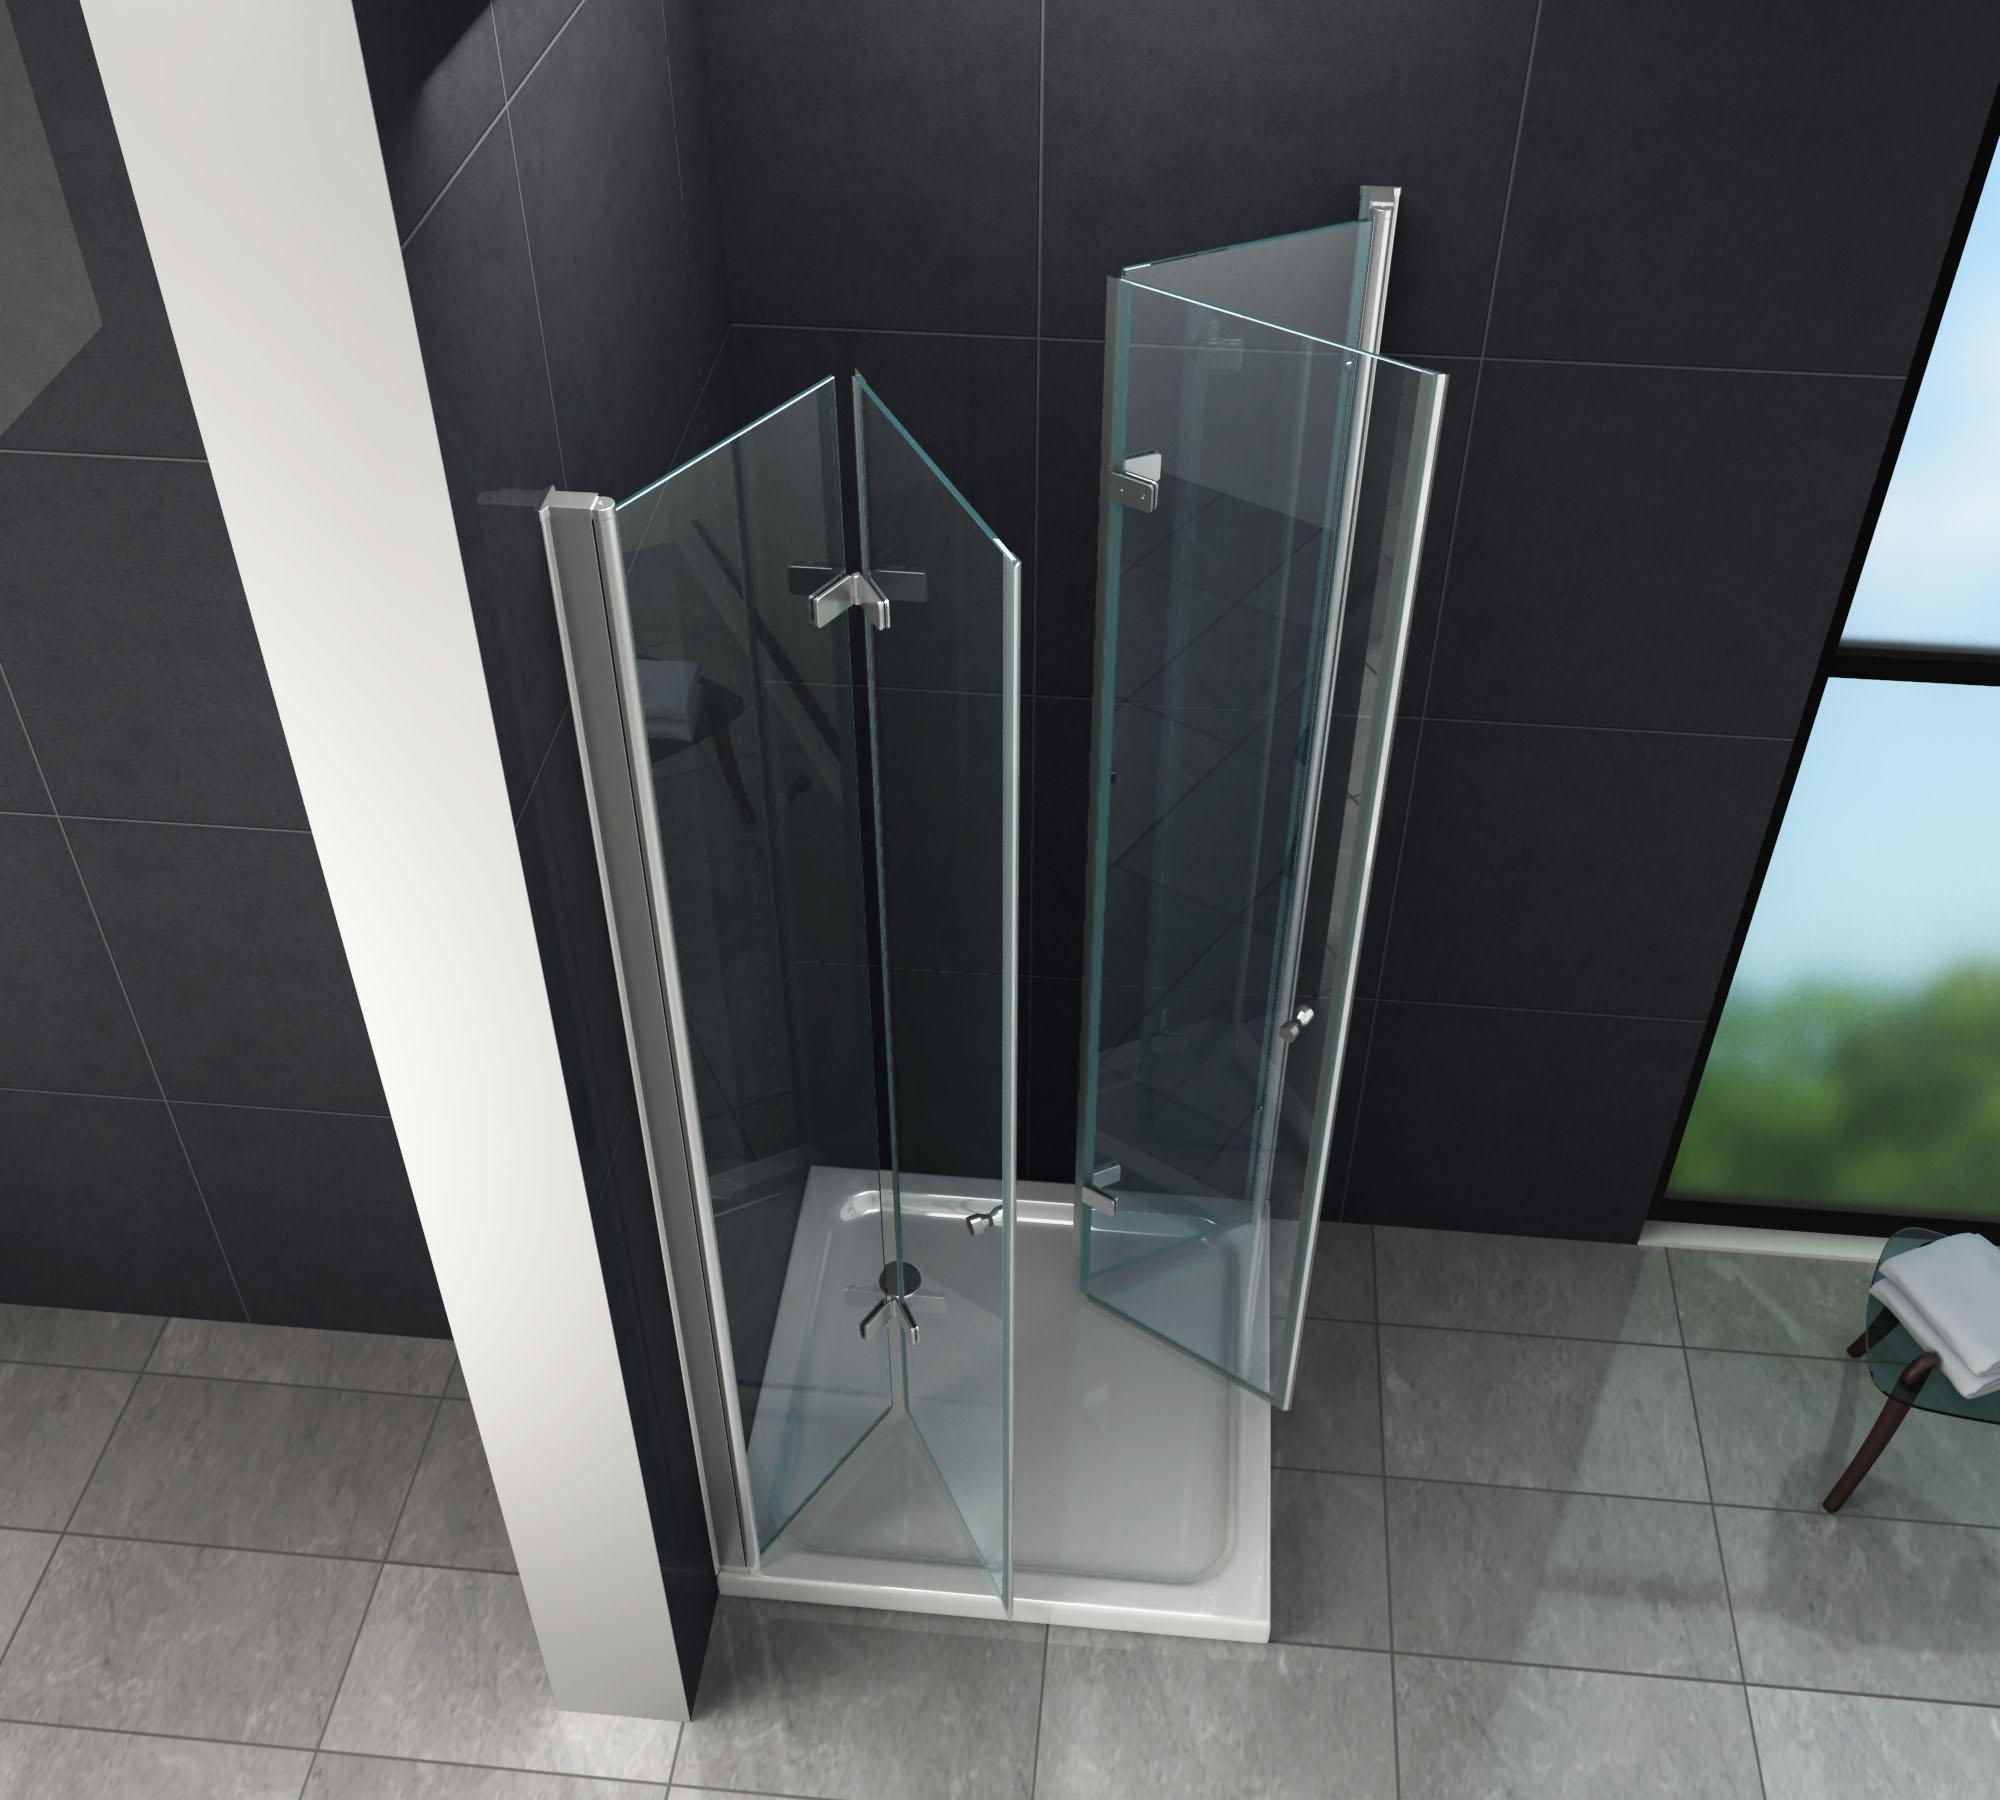 Cabine de douche CLAP 100 x 80 x 195 cm sans receveur de douche